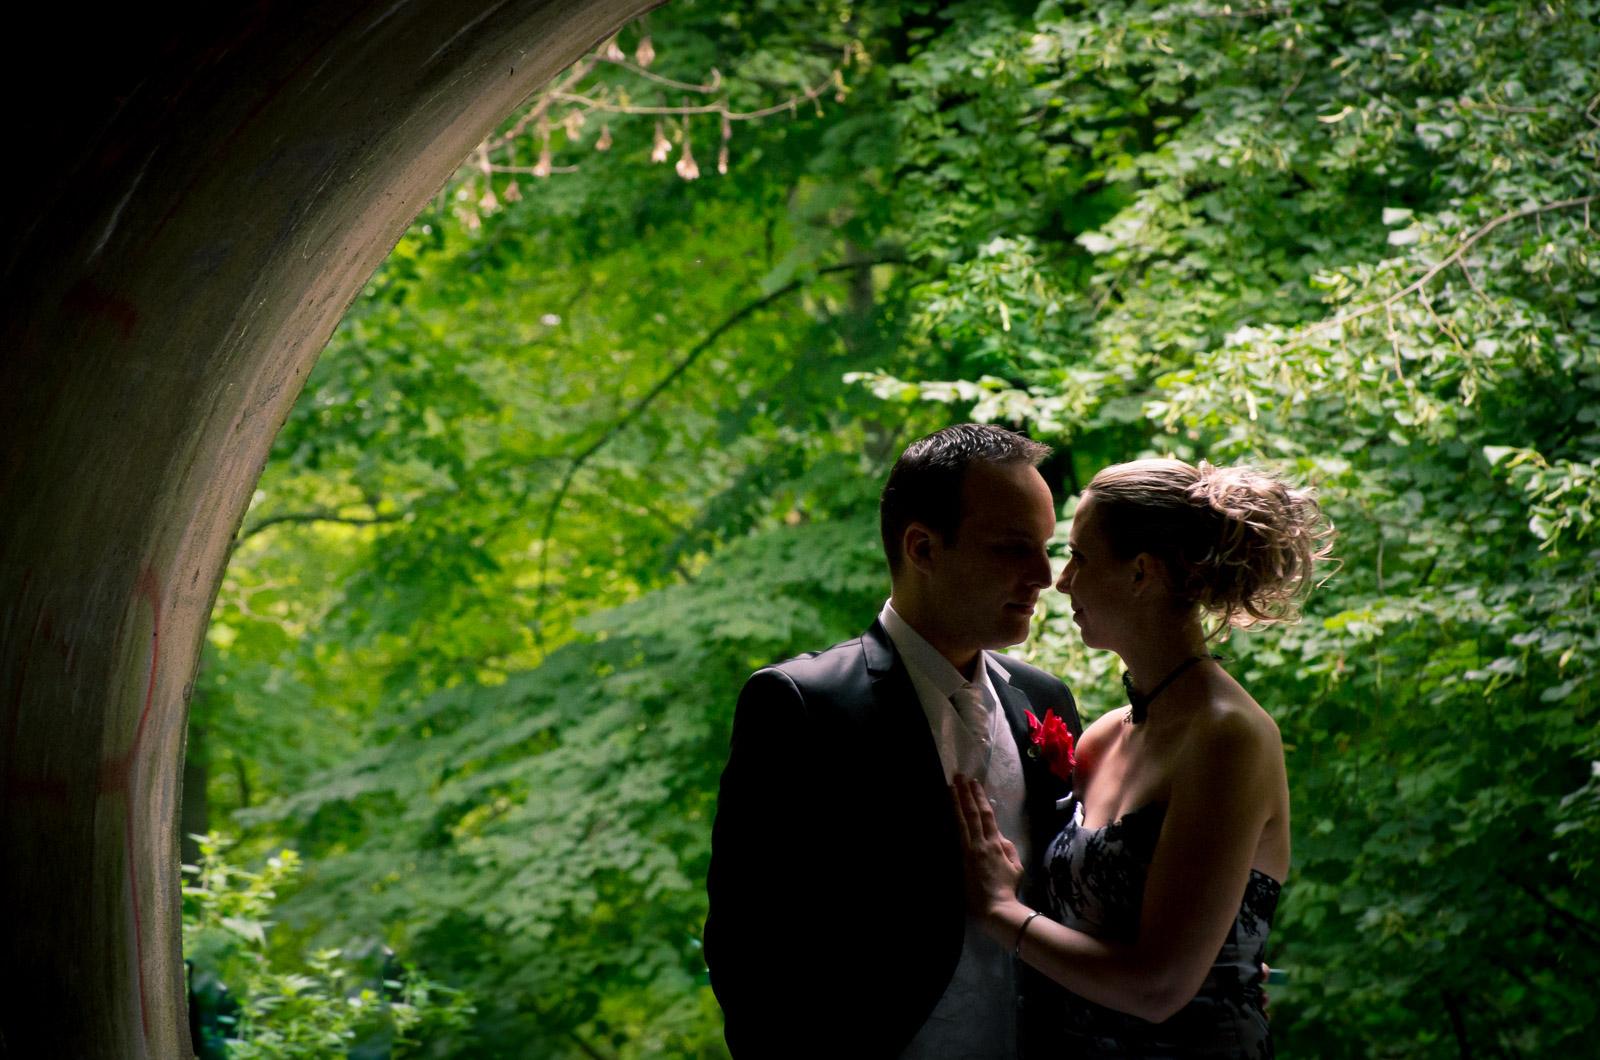 Le mariage de Nathalie et Jérémy, un vrai jour de fête